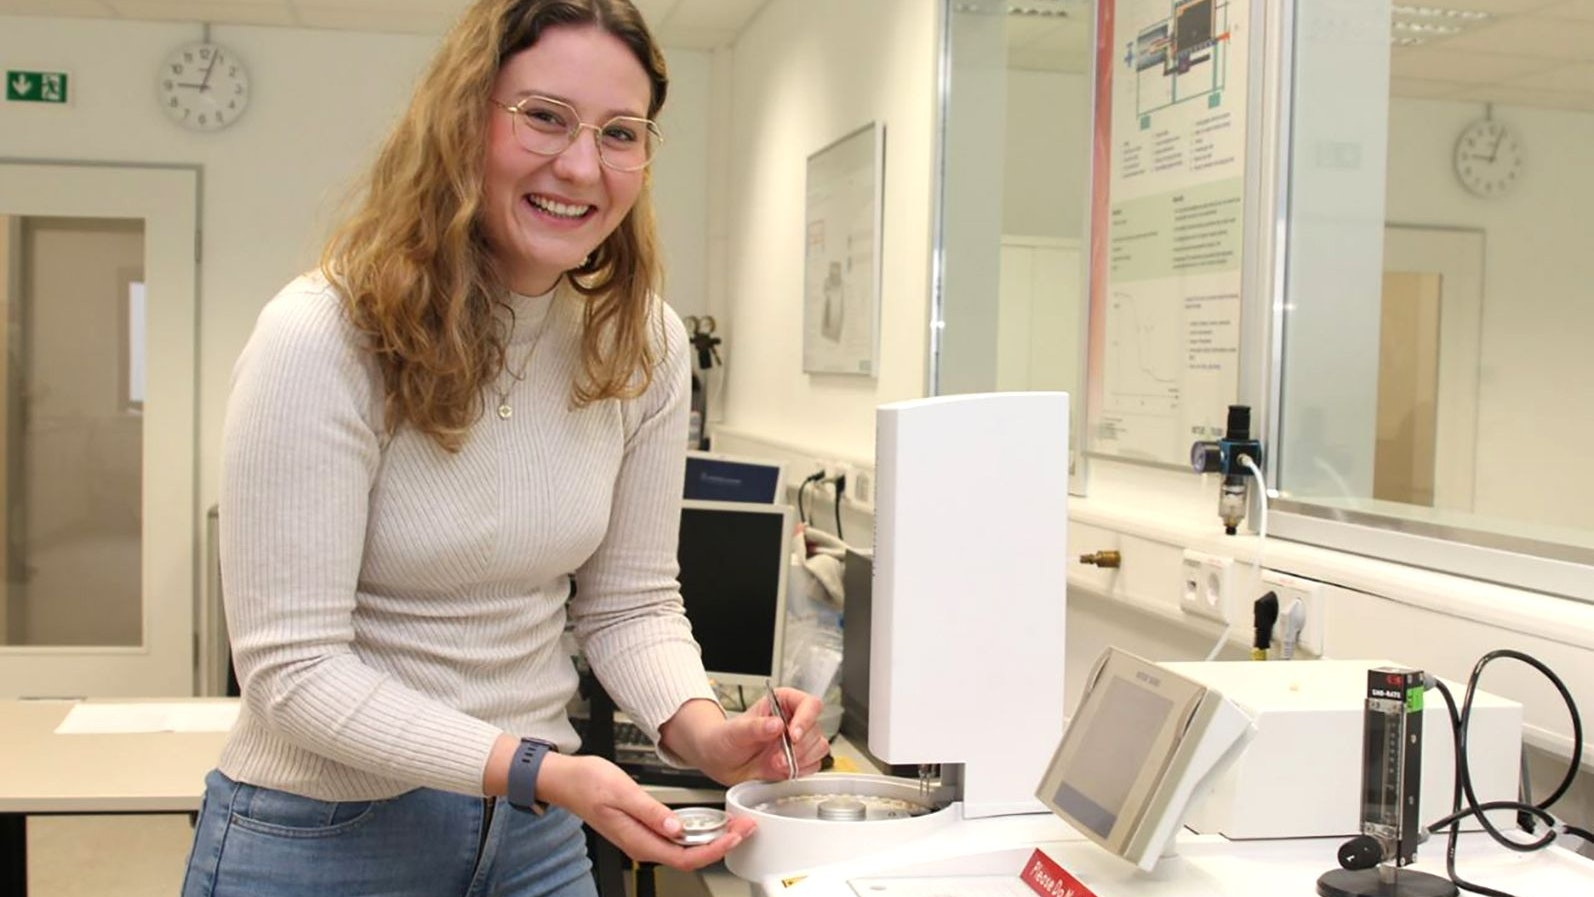 Sie will Kunststoff weiterentwickeln – und wiederverwerten: Die Pöppelmann-Werkstudentin Nele Zerhusen hat für ihre Bachelorarbeit den Preis der Deutschen Kautschuk-Gesellschaft erhalten. Foto: Firma Pöppelmann/Honkomp